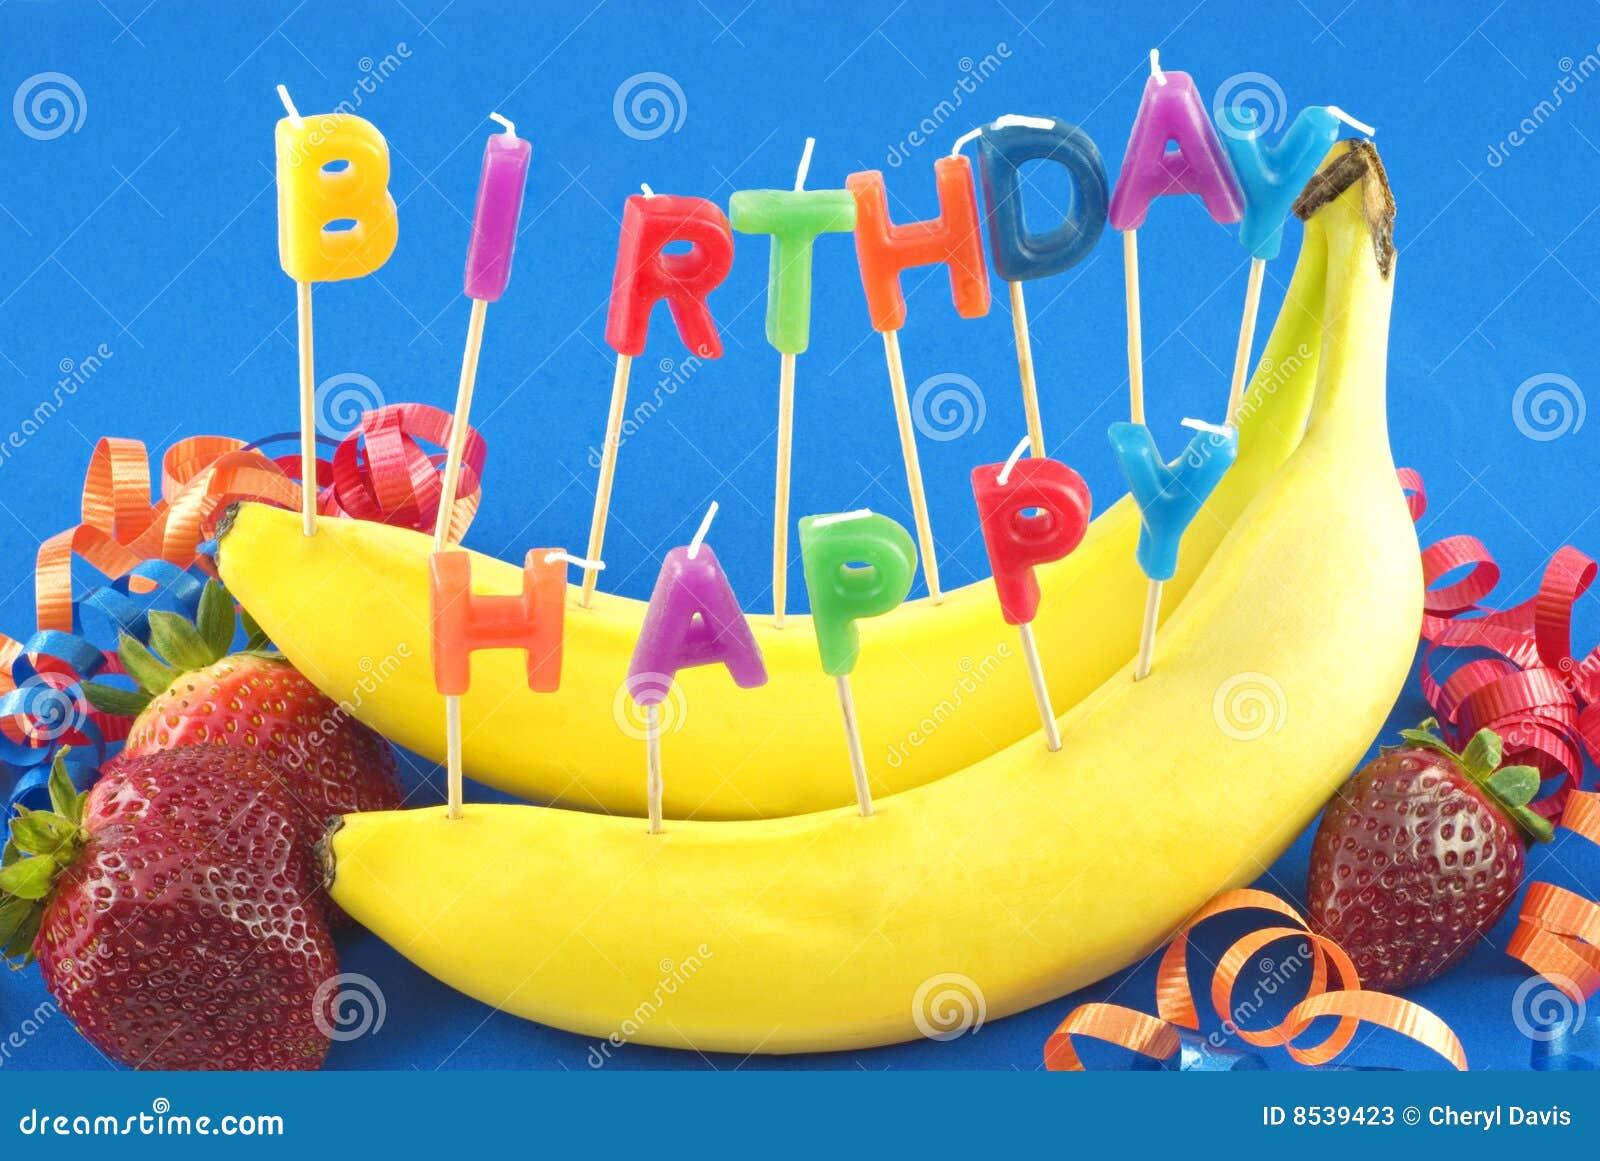 Happy Birthday Fruit Stock Photos Image 8539423